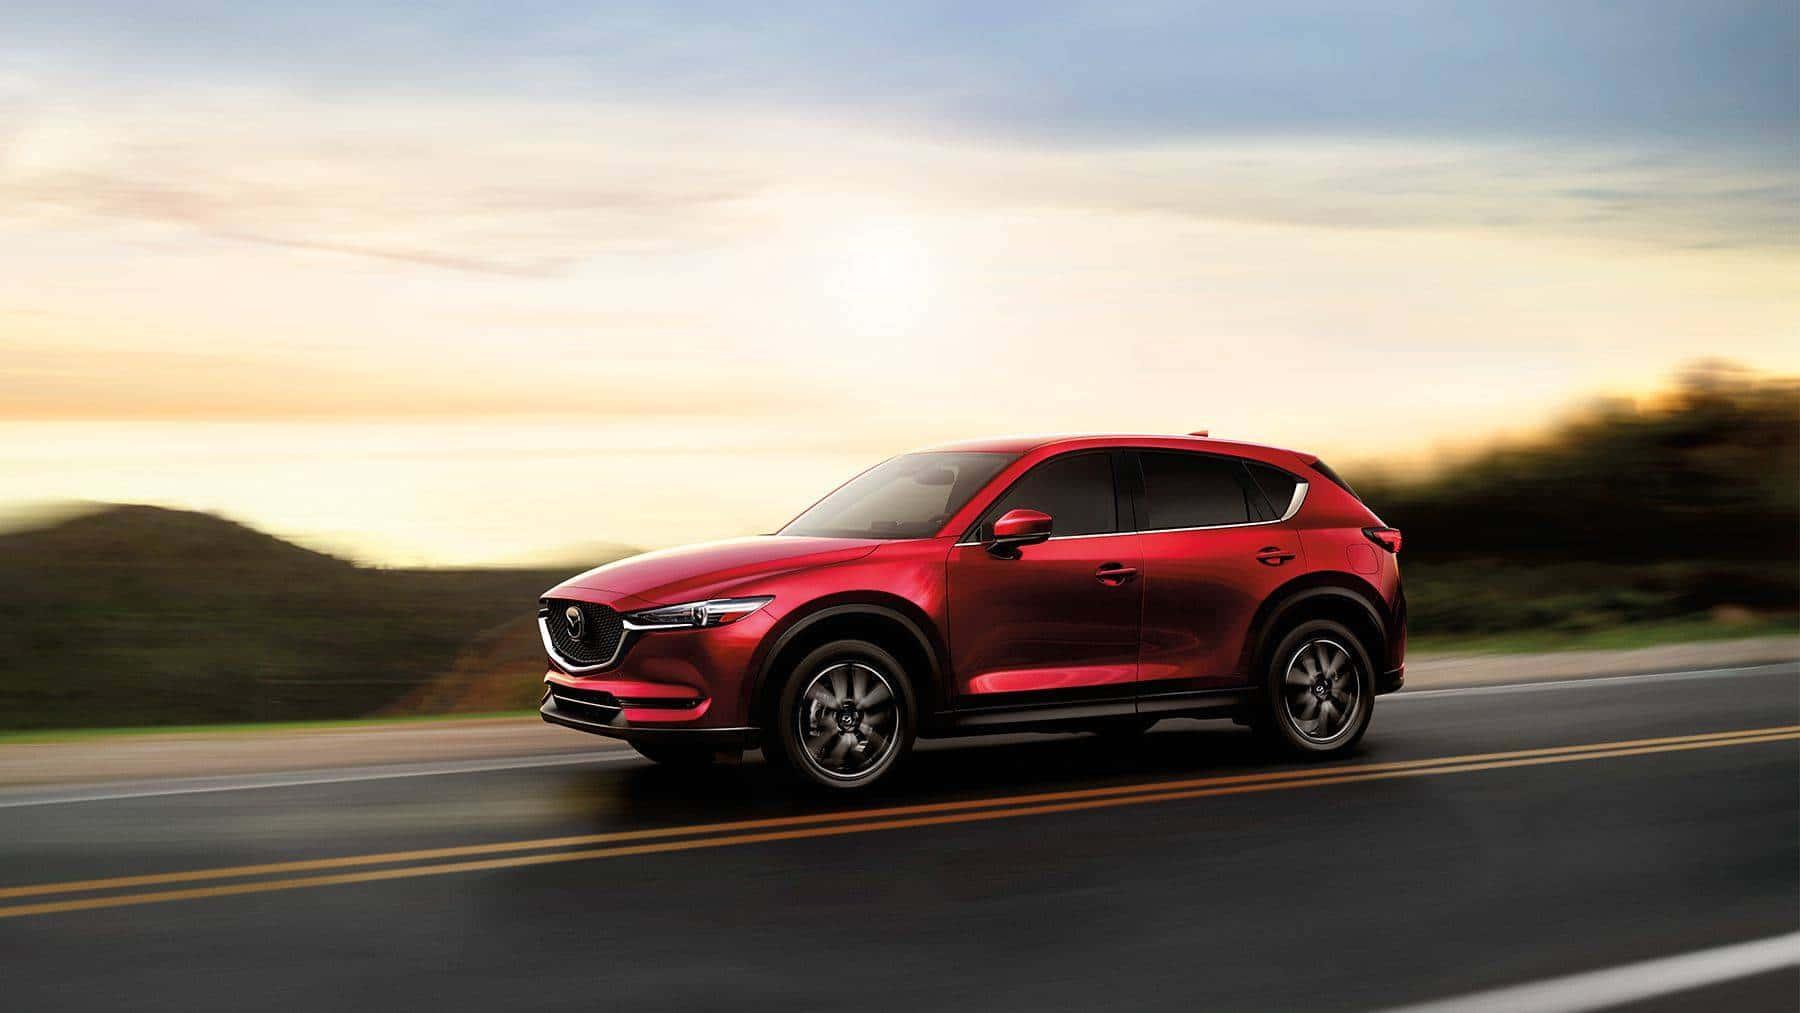 Mazda Cx 5 Lease Deals >> 2018 Mazda CX-5 Sport - ZAK Auto Leasing